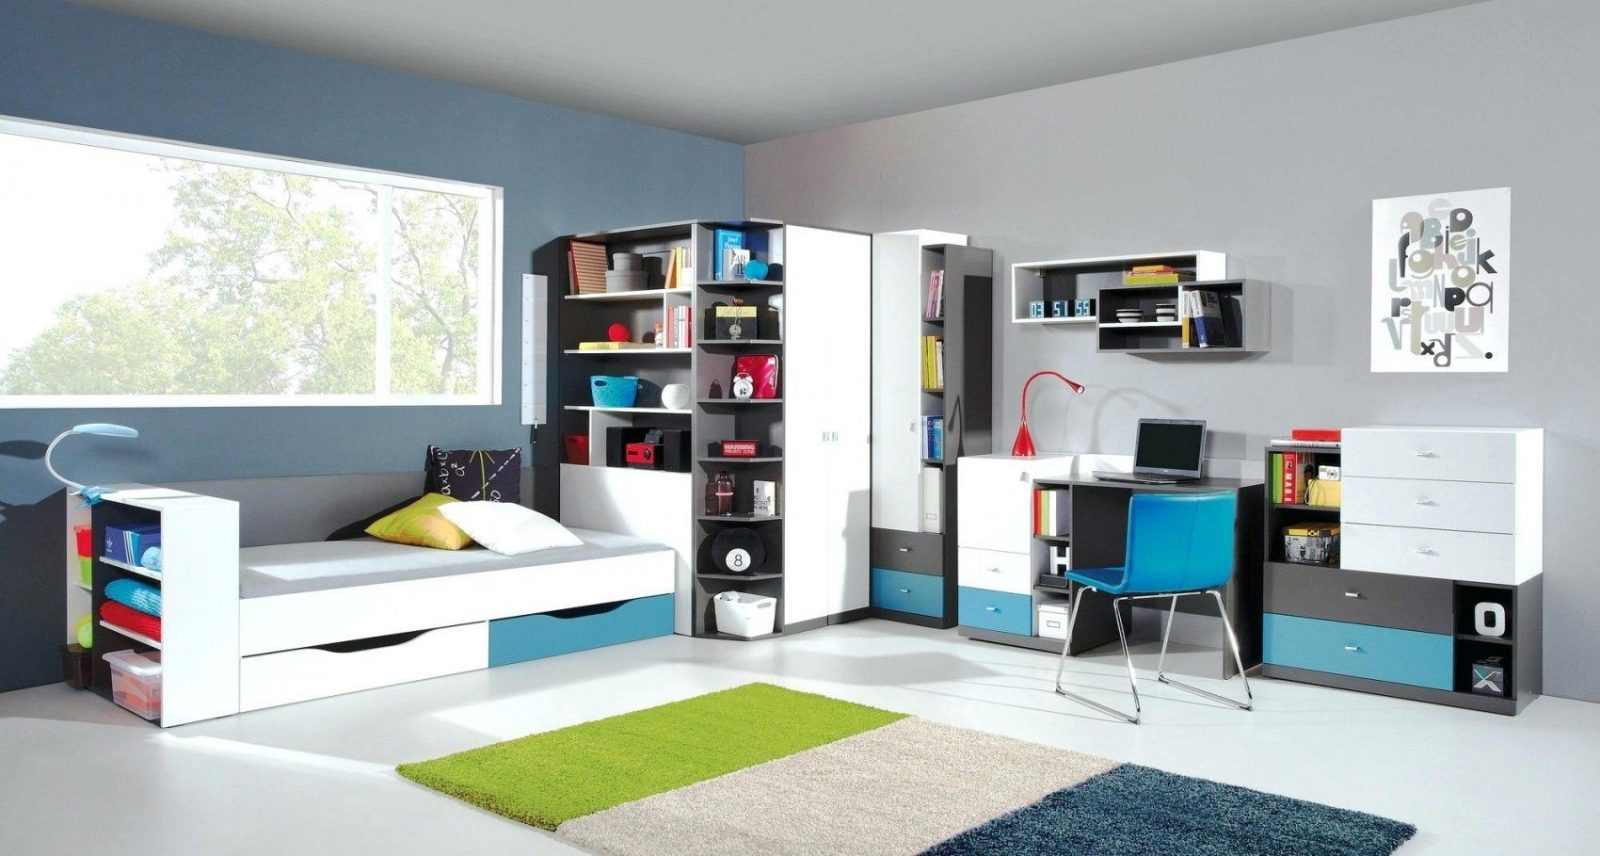 Jugendzimmer Jungen Neues Design Jugendzimmer Fa 1 4 R Jungs Die von Ikea Jugendzimmer Für Jungs Photo